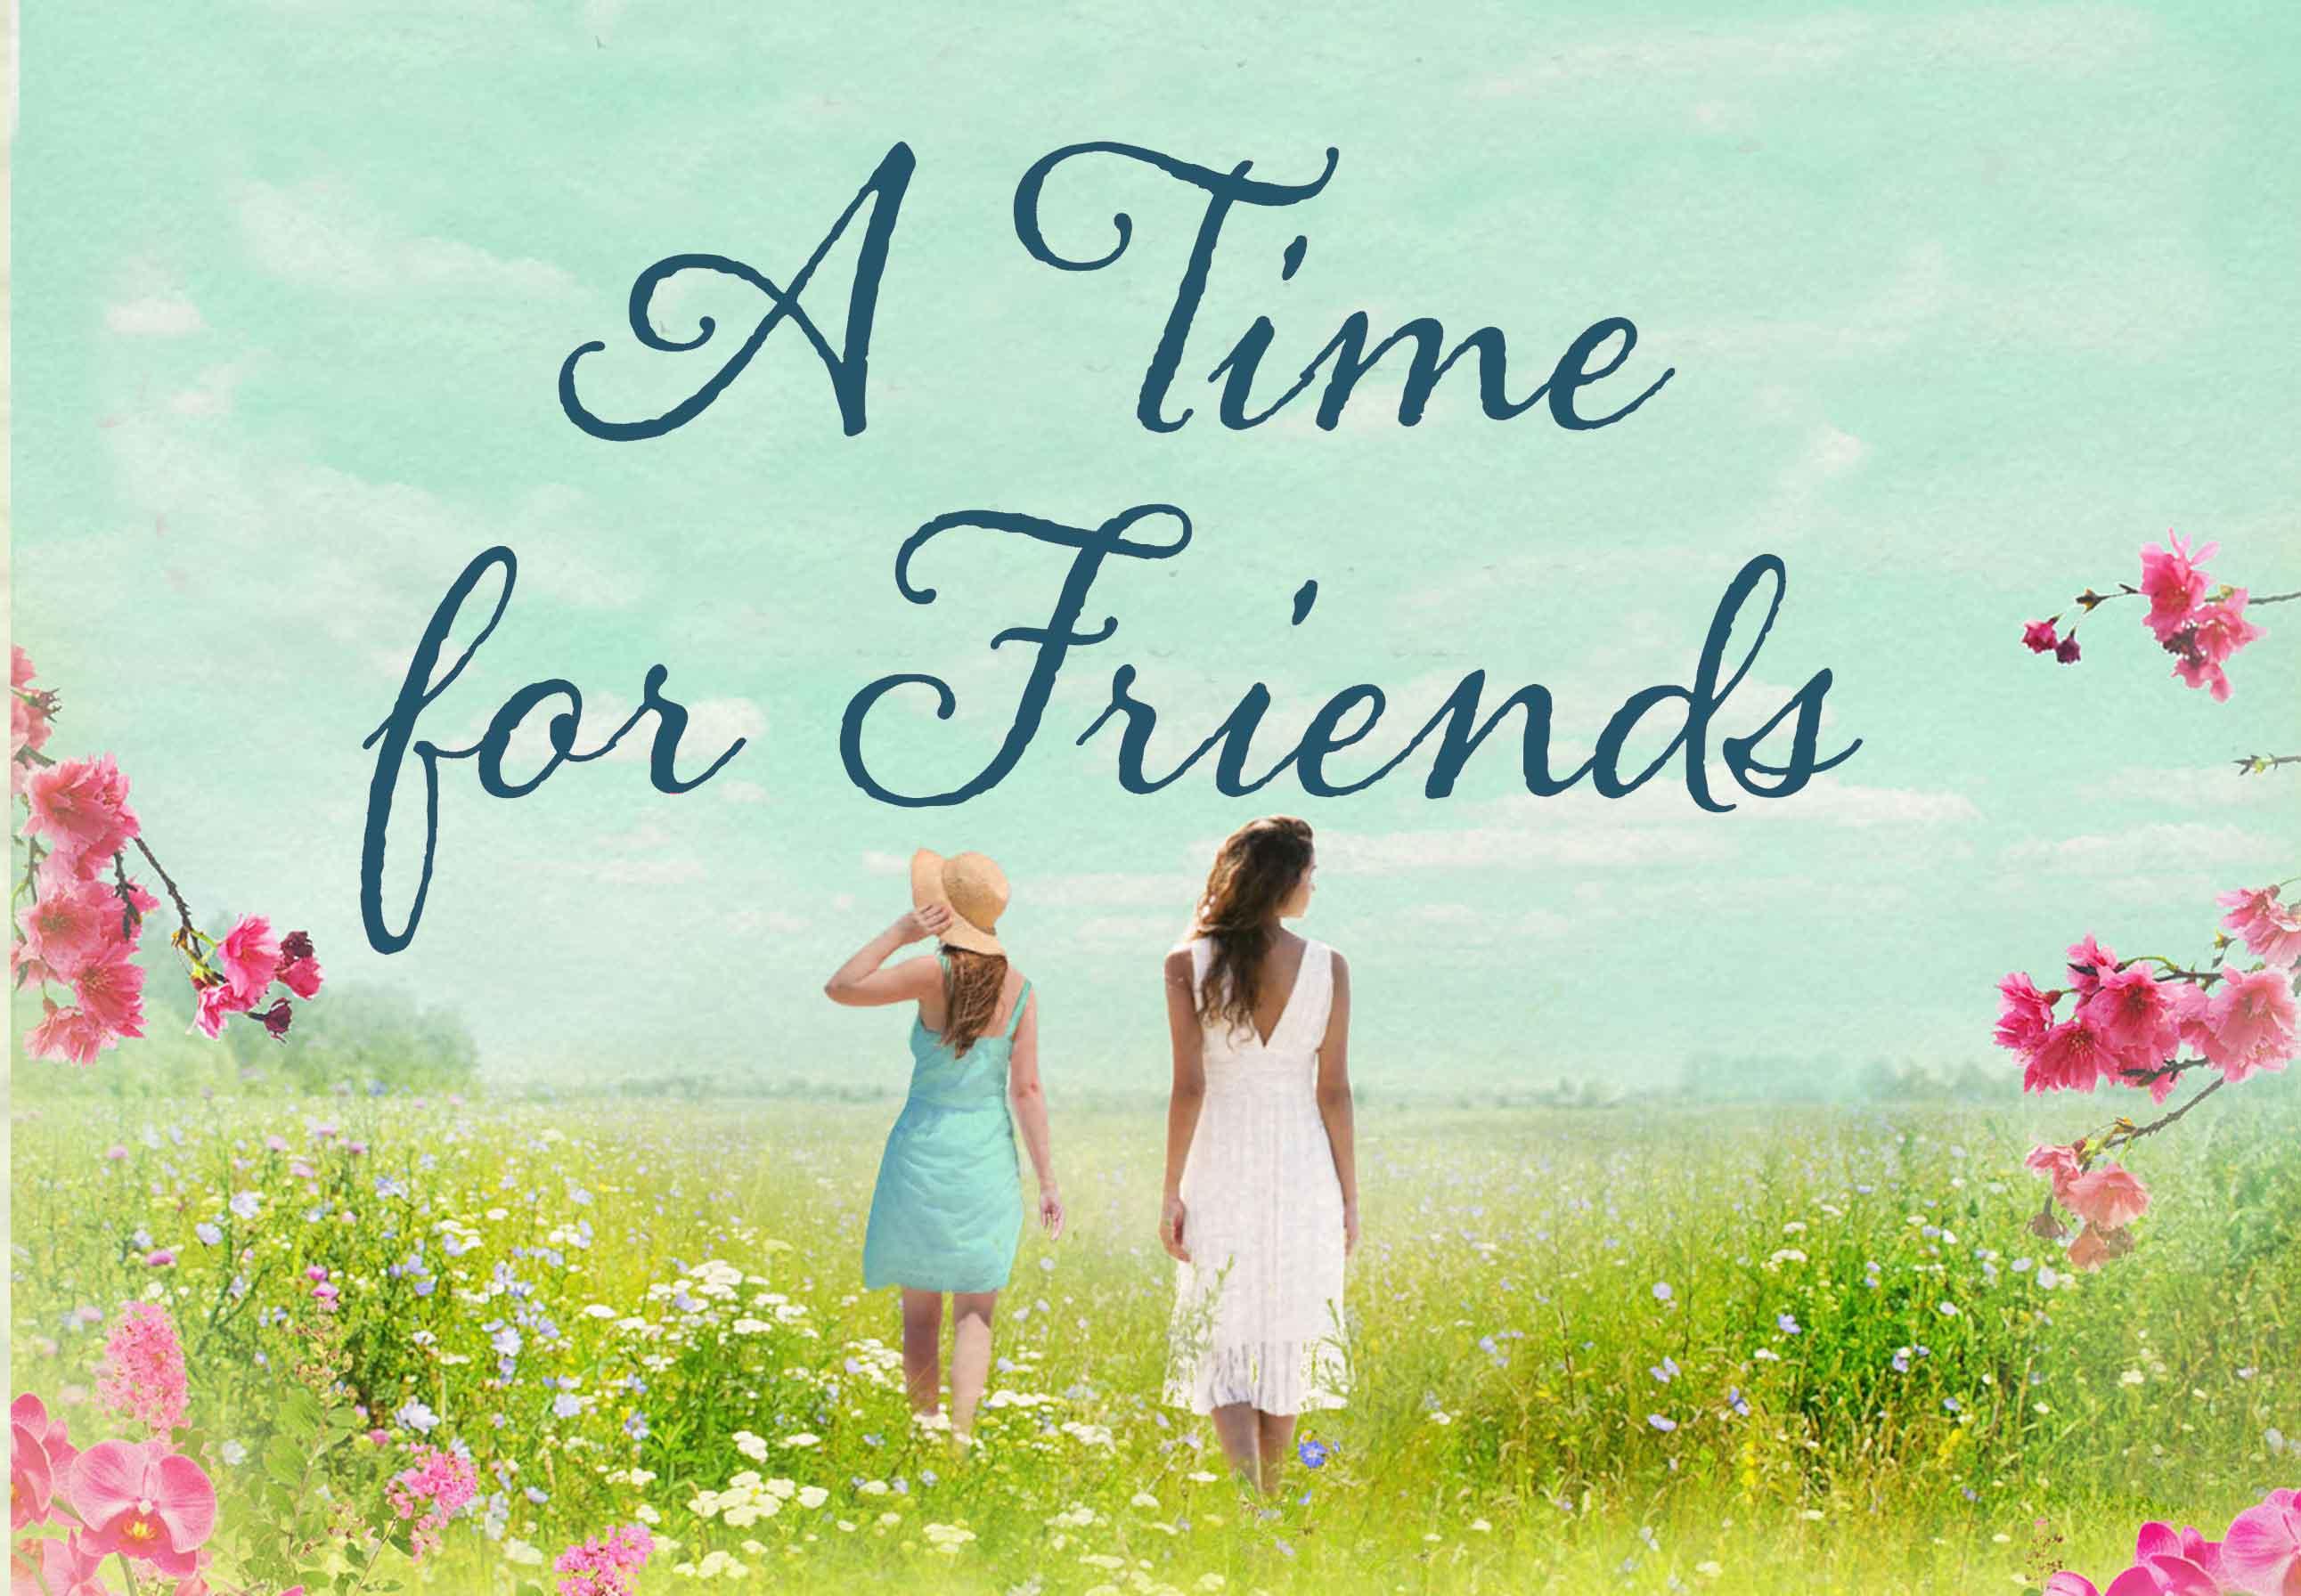 بالصور اجمل كلام عن الصديق , الصديق هو مراة صديقه 735 10